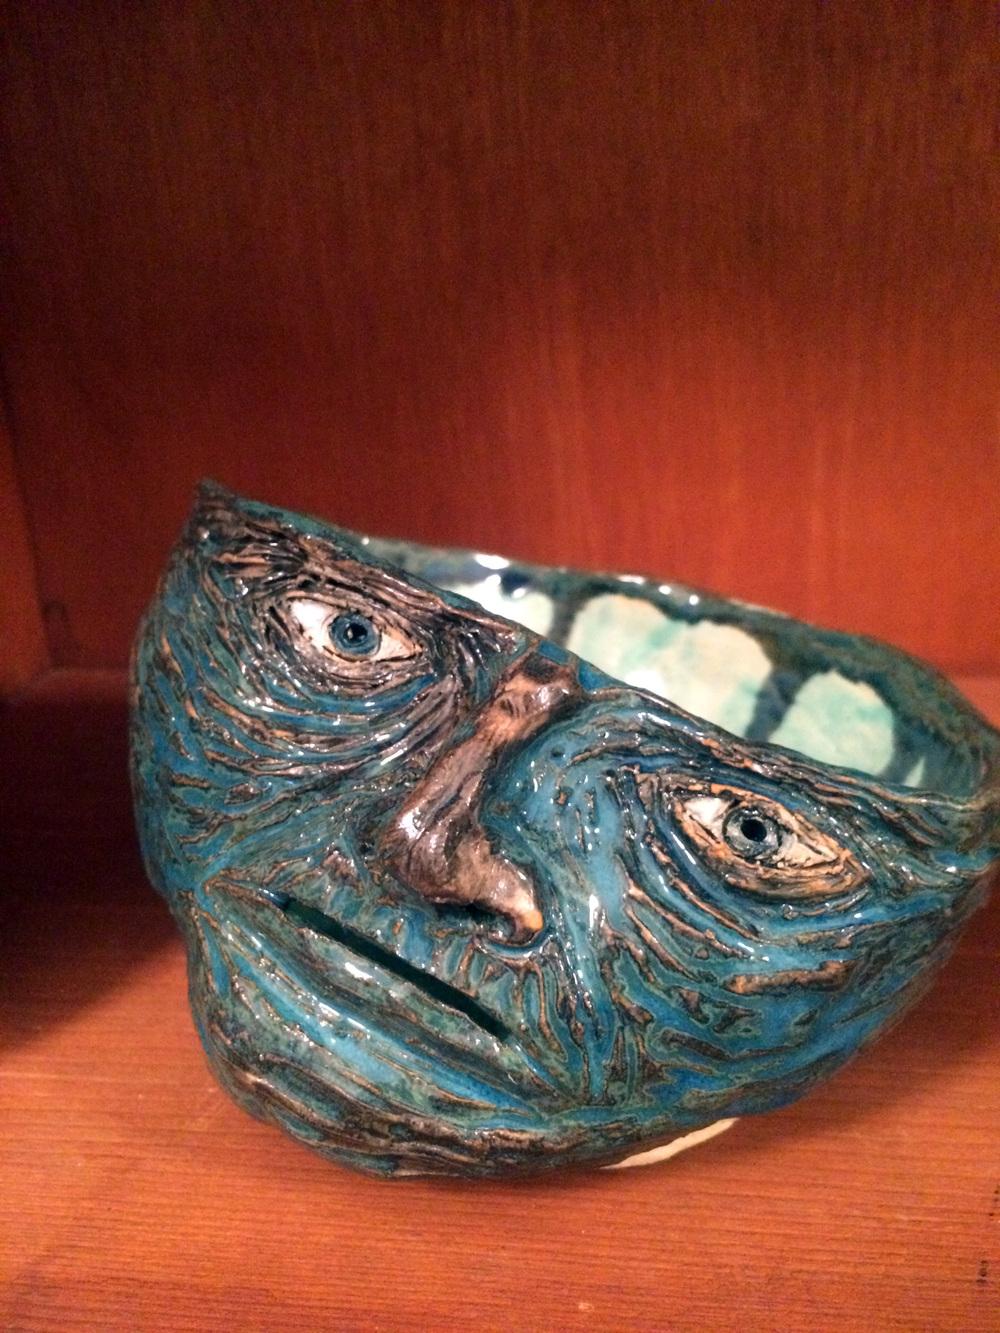 Dave_Zackin_Ceramics_43.jpg